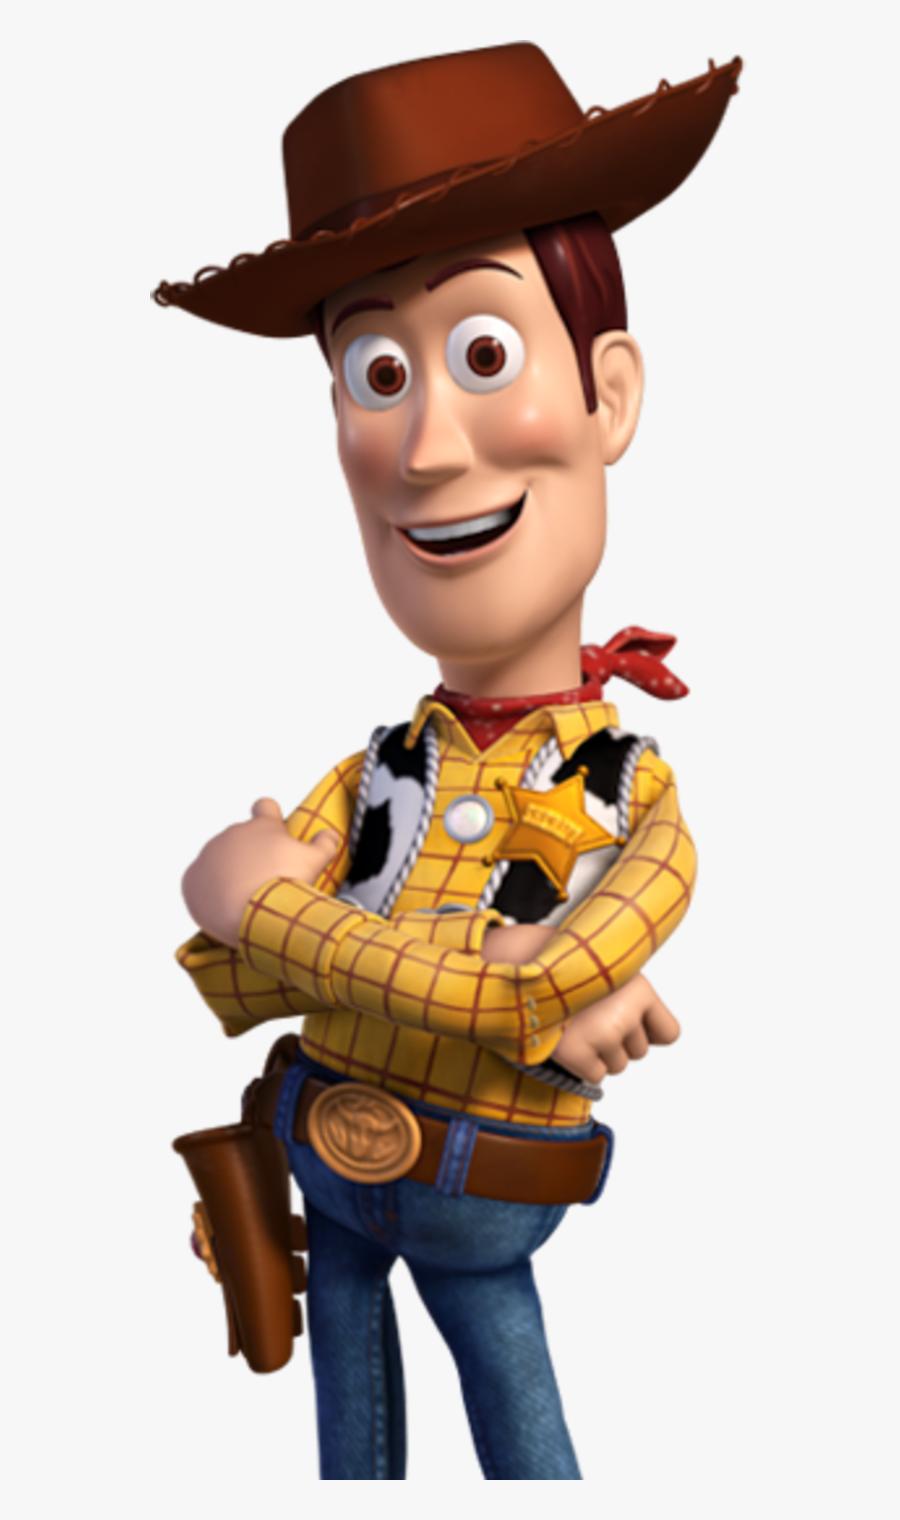 Jessie Buzz Lightyear Sheriff Woody Cartoon.